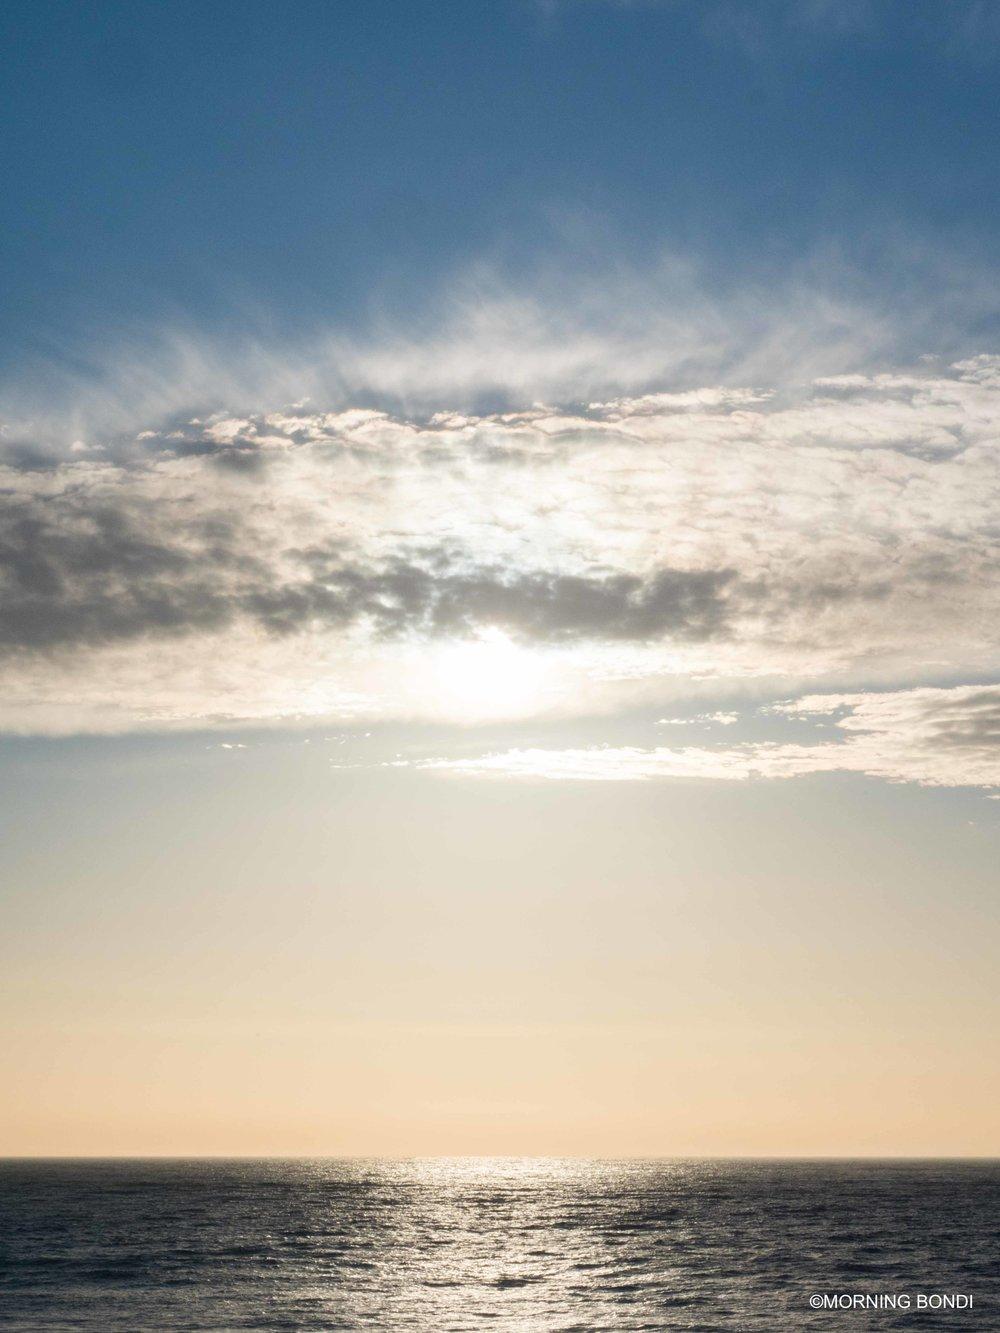 Interesting sky & light